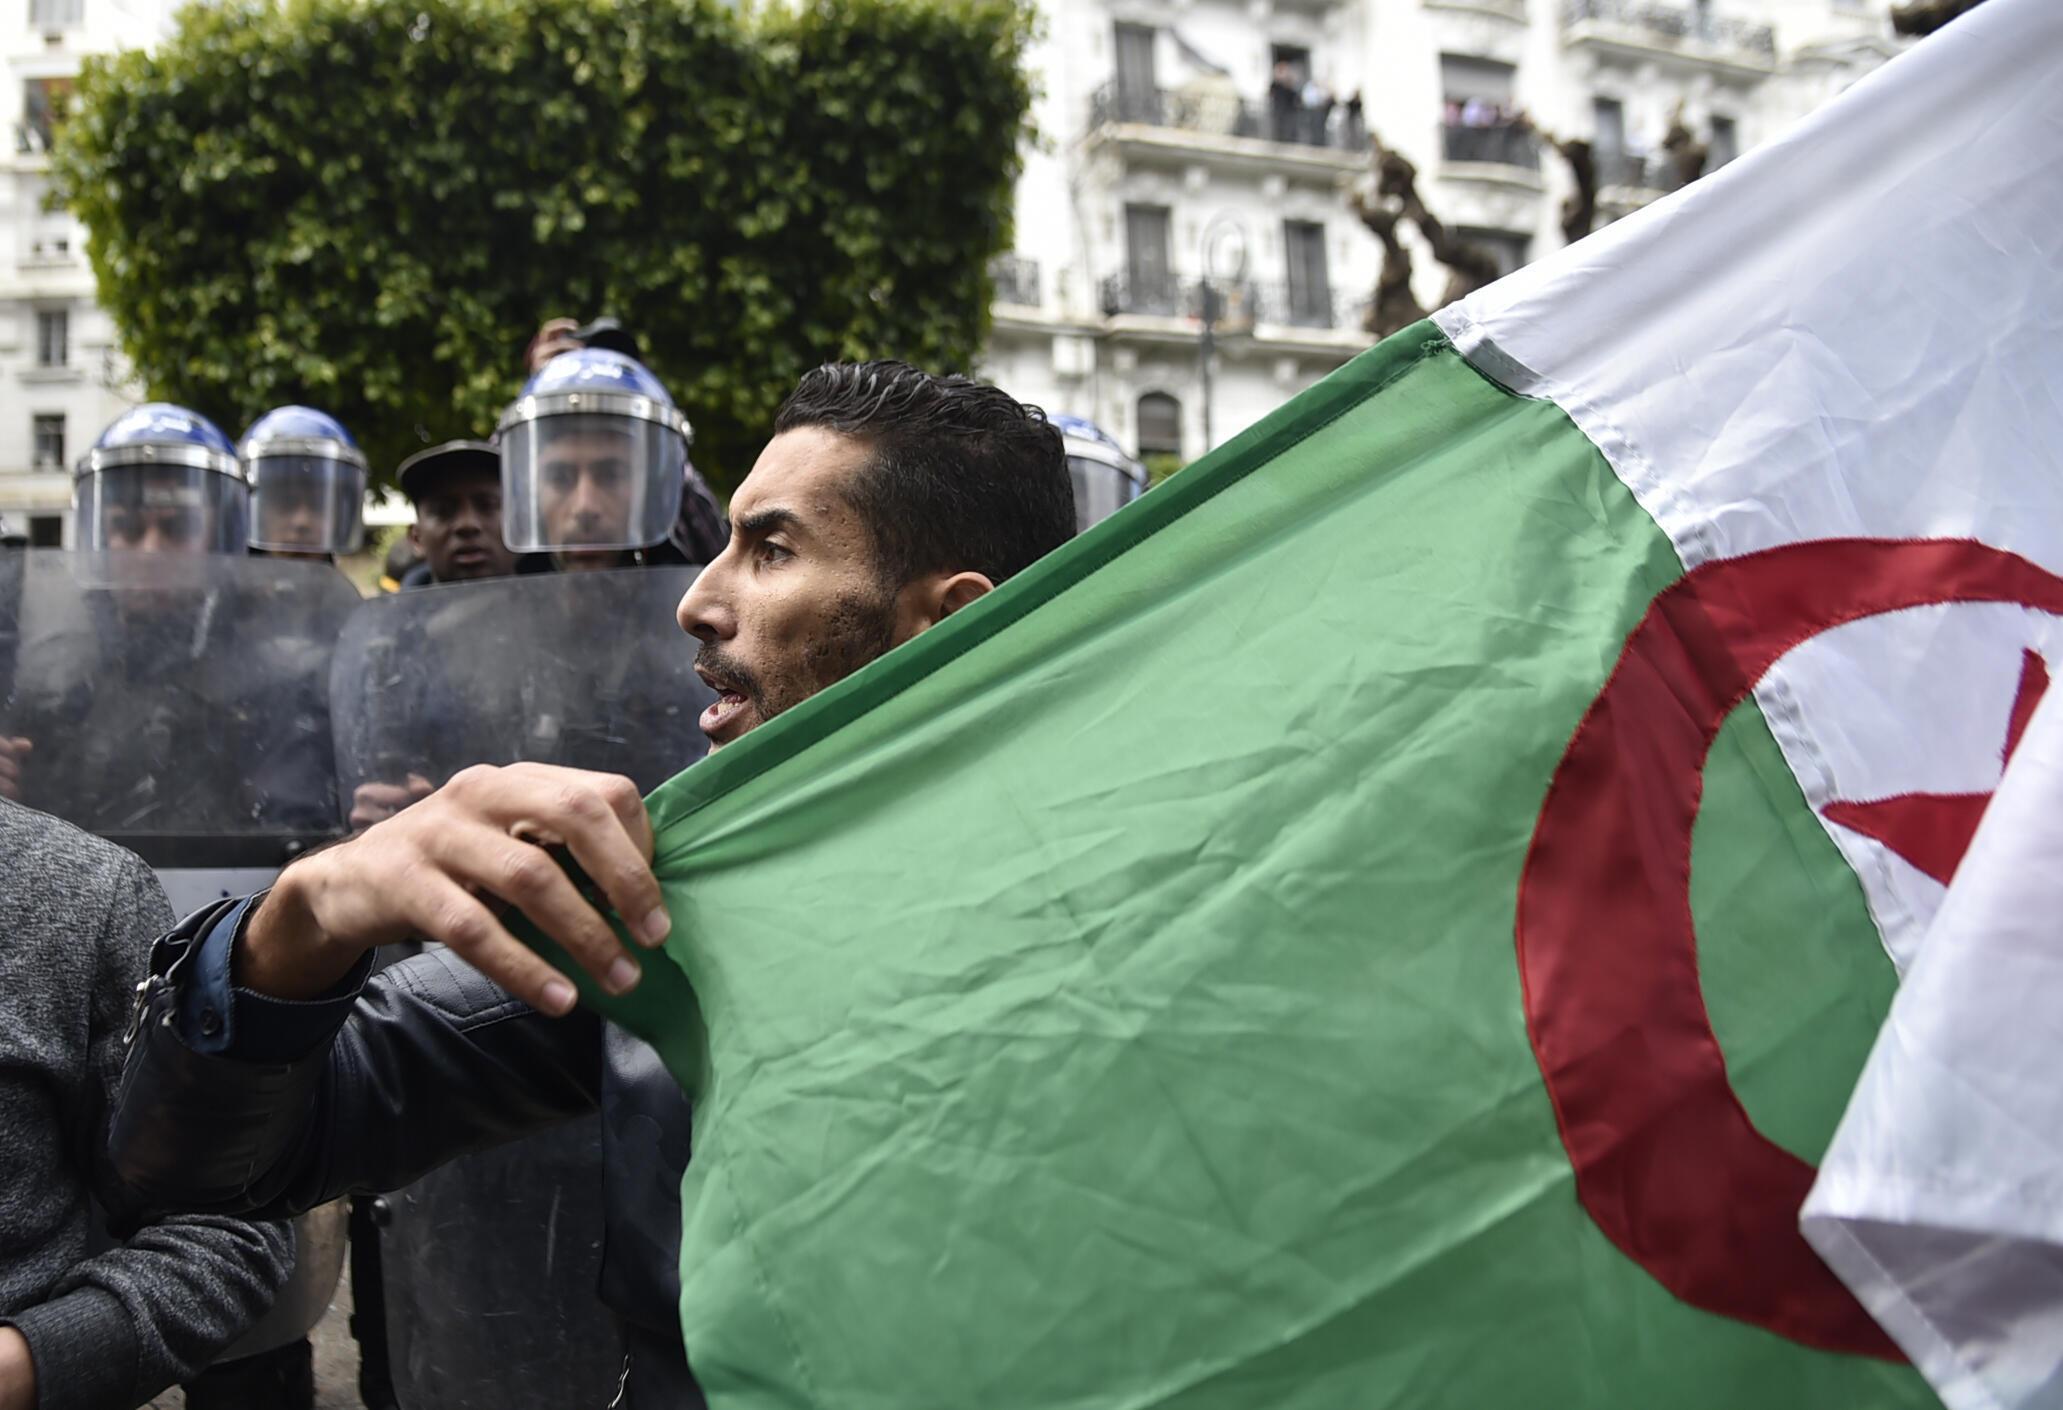 La situation de l'autre côté de la méditerranée est scrutée de très près en France.